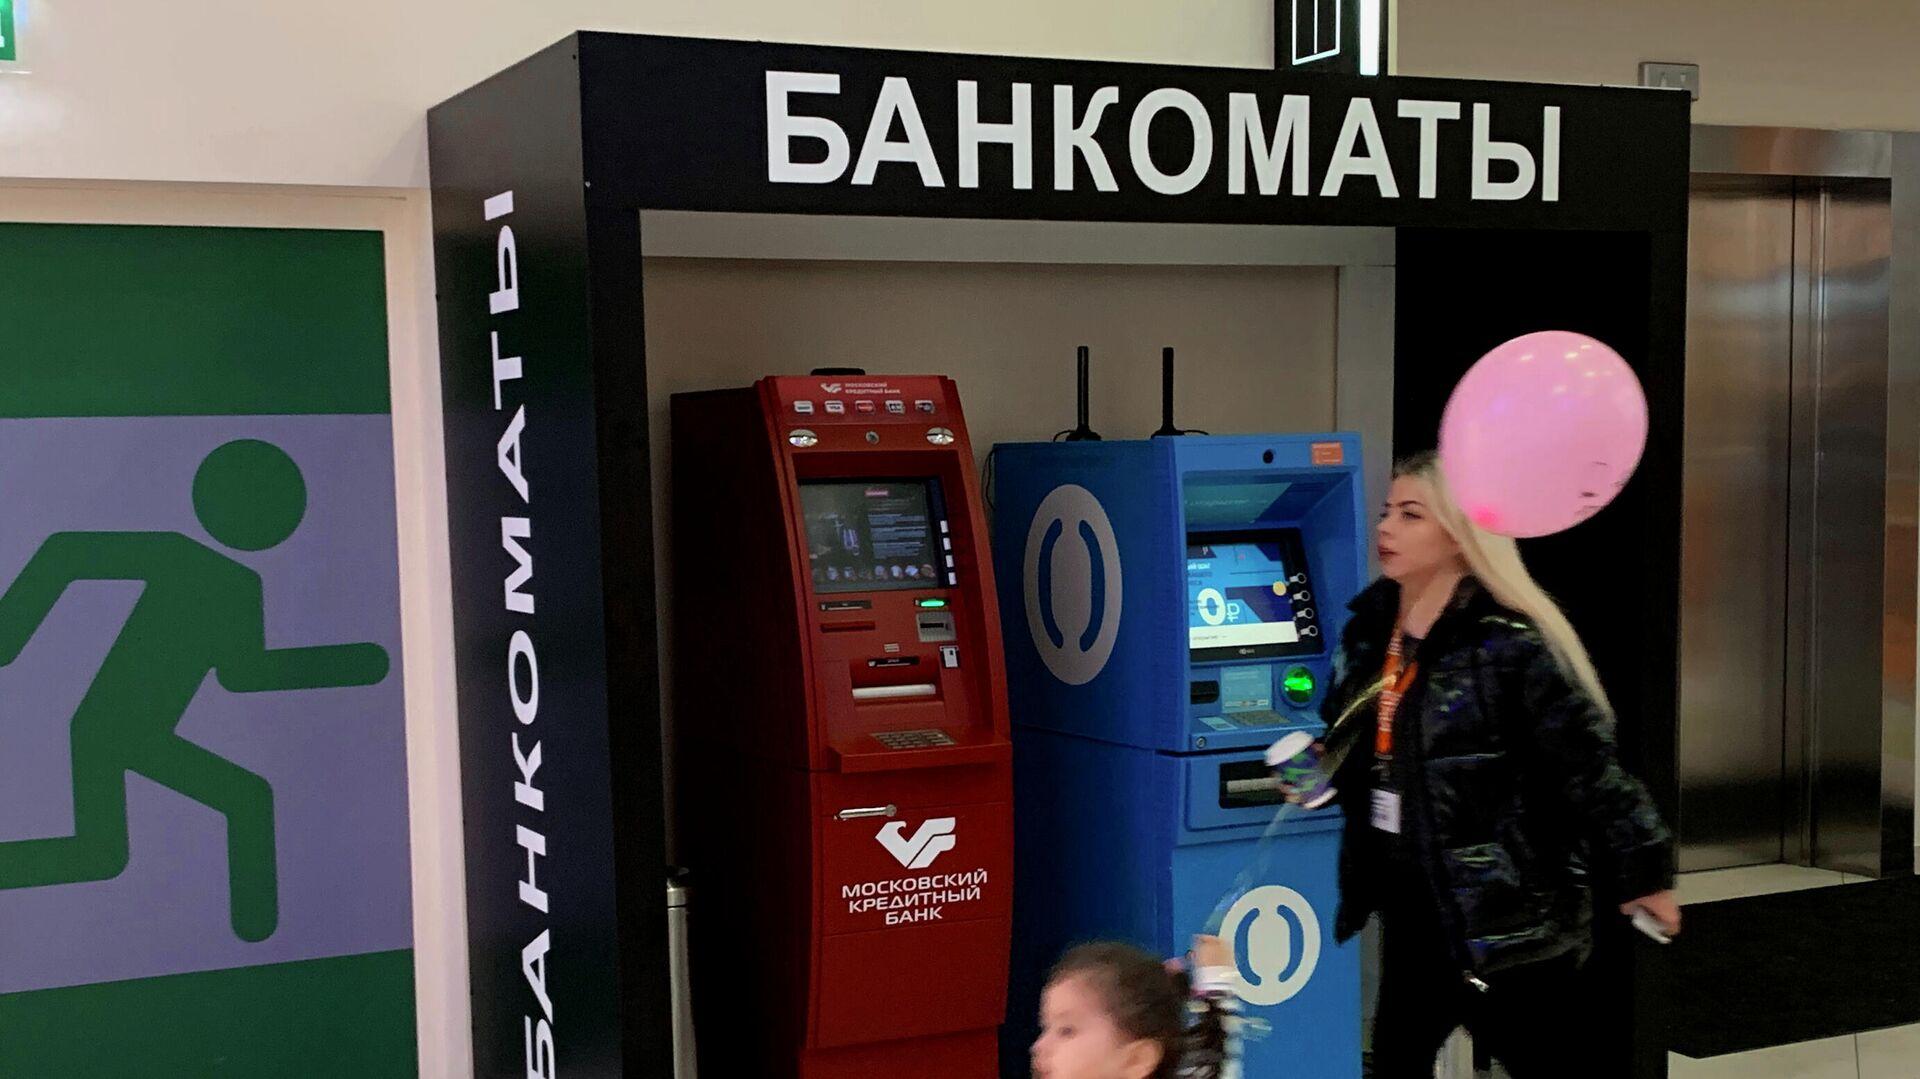 Женщина с ребенком проходят мимо банкоматов - РИА Новости, 1920, 20.10.2020